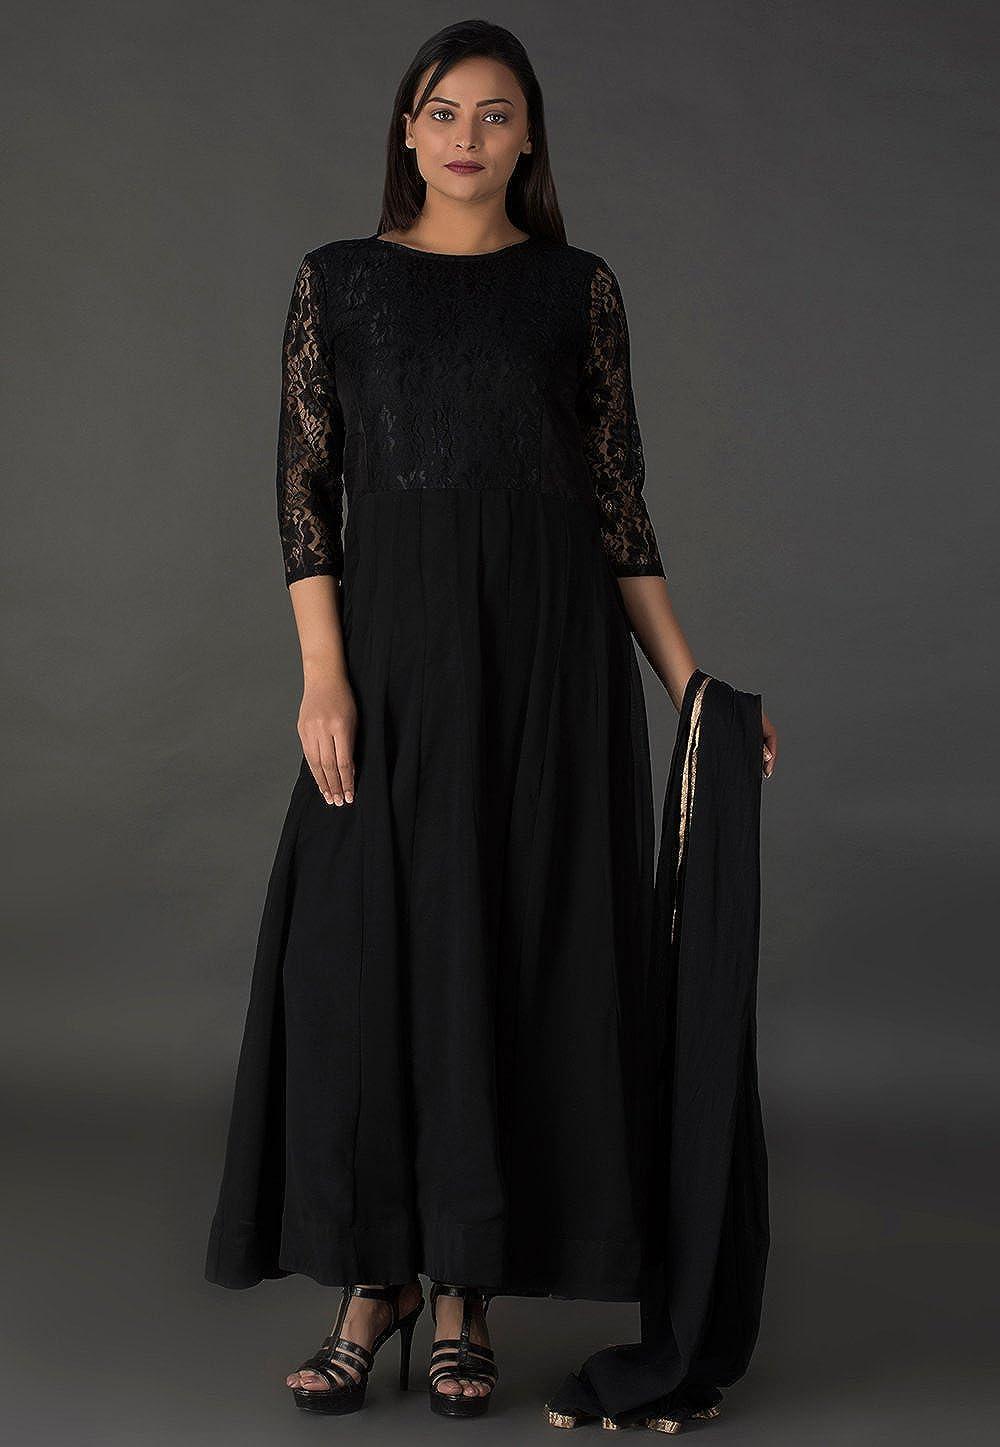 Amazon.com: Utsav - Traje de estilo Georgette Abaya, corte ...